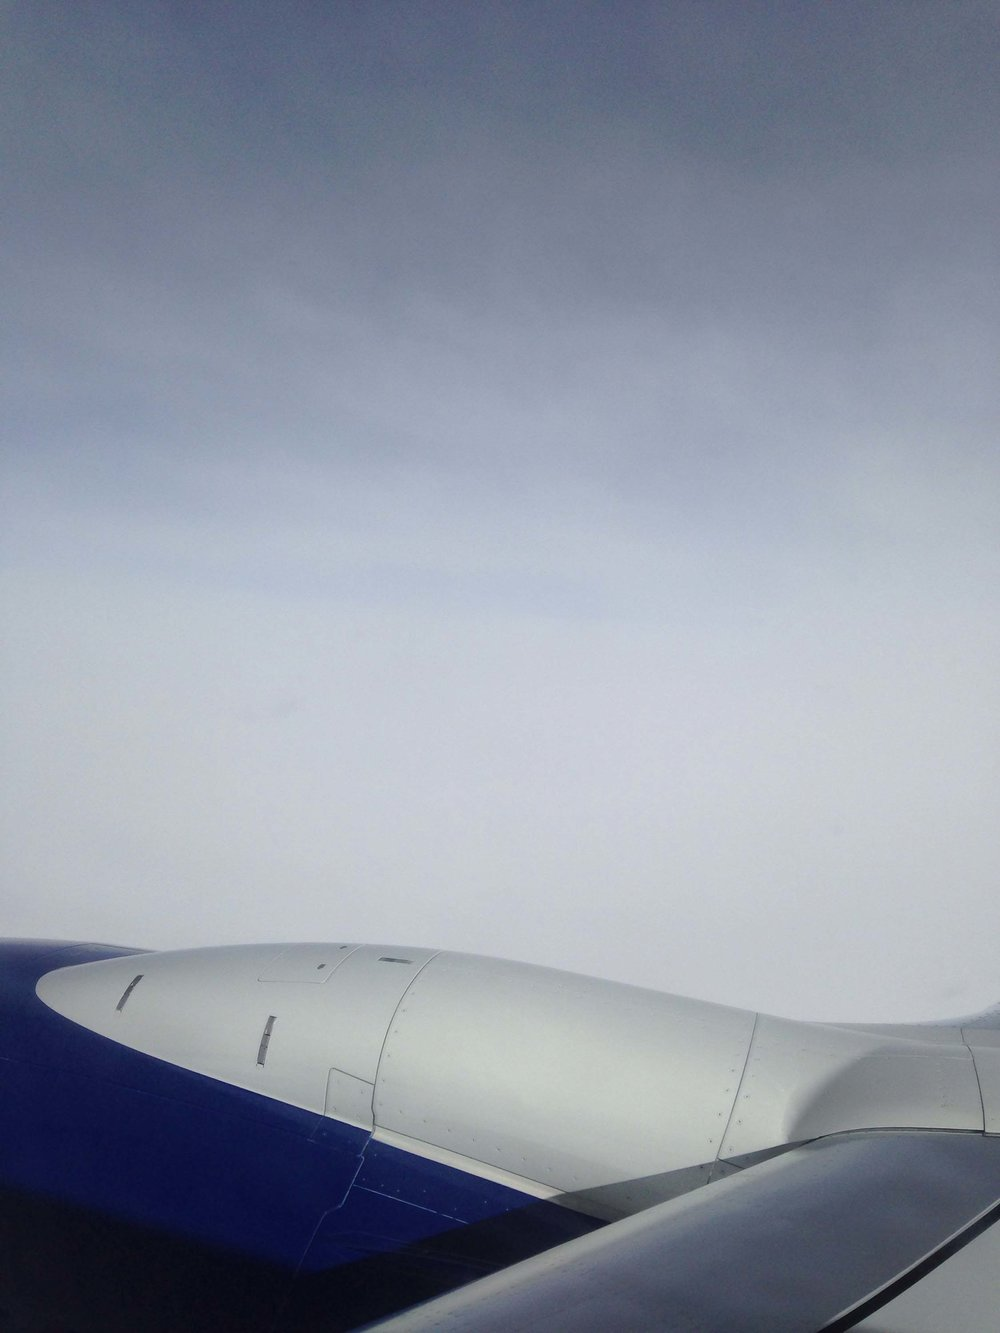 Boeing, in flight